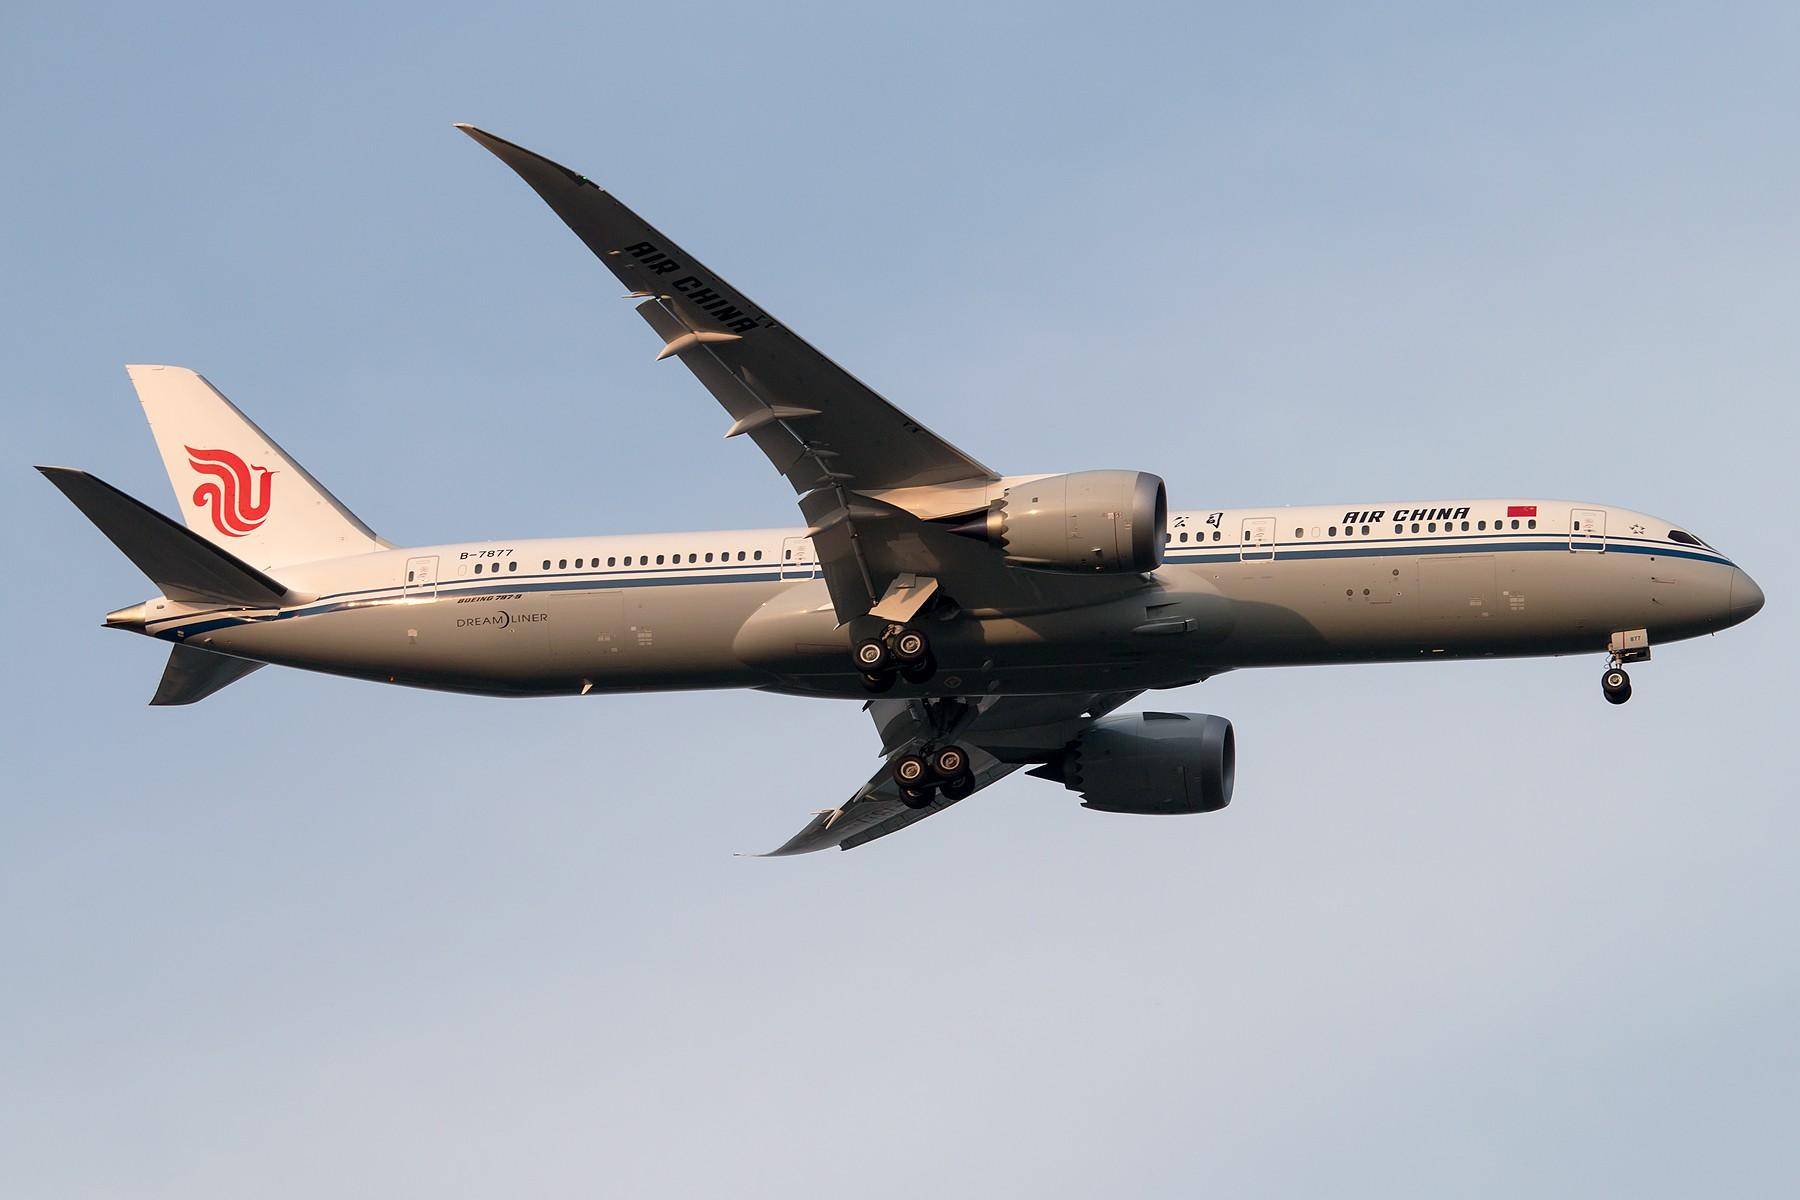 [原创][一图党] 中国国际航空 B-7877 B787-9 Dreamliner 解决个有无 渣图一张 1800*1200 BOEING 787-9 B-7877 中国北京首都国际机场